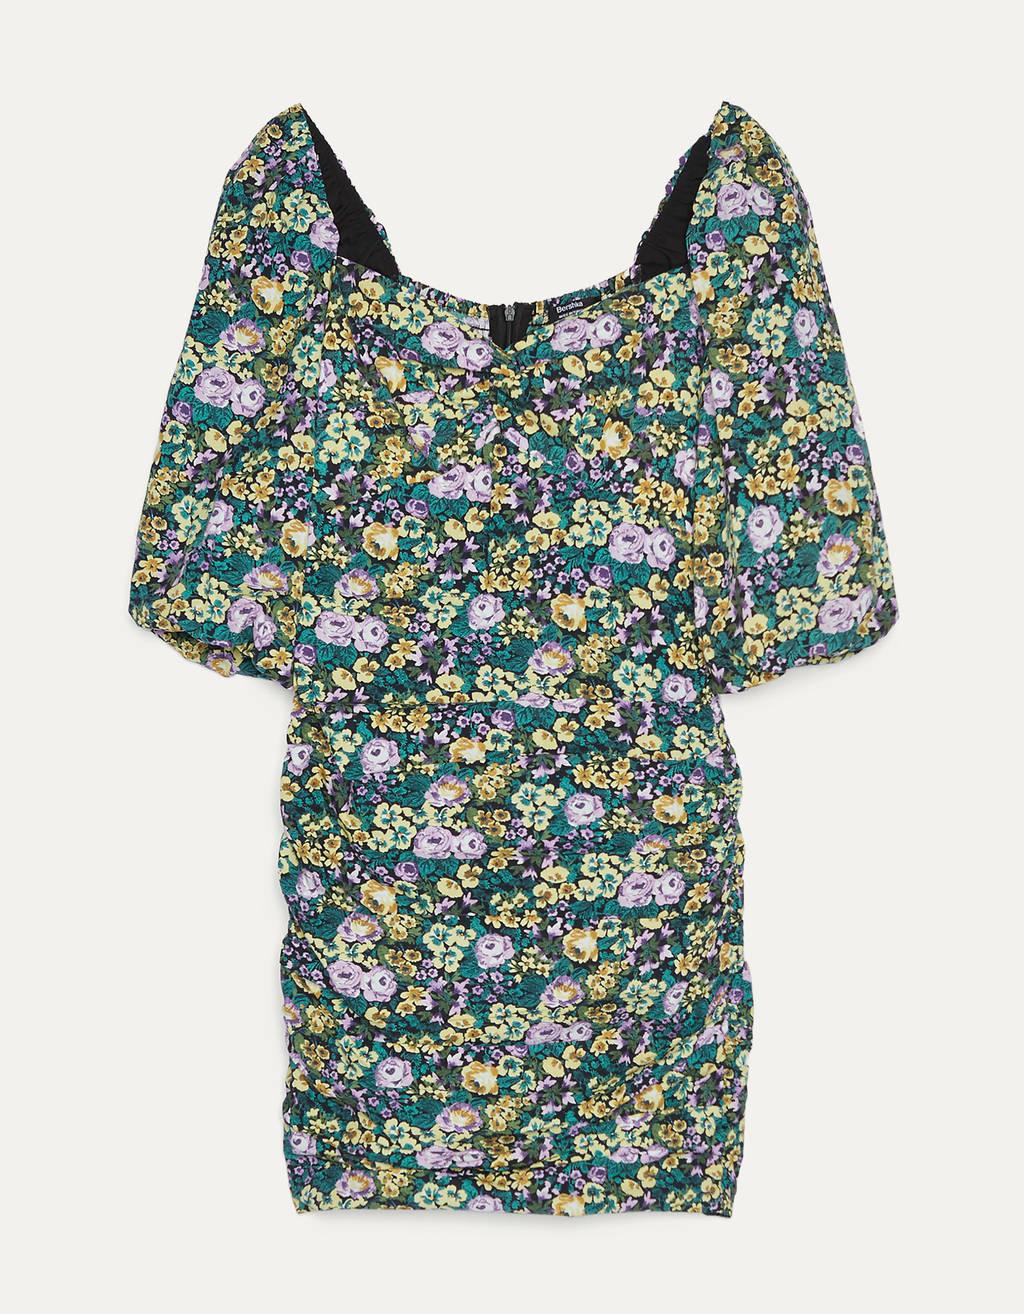 Vestido corto de flores con escote corazón y manga 3/4 con fruncido en pechera y falda.